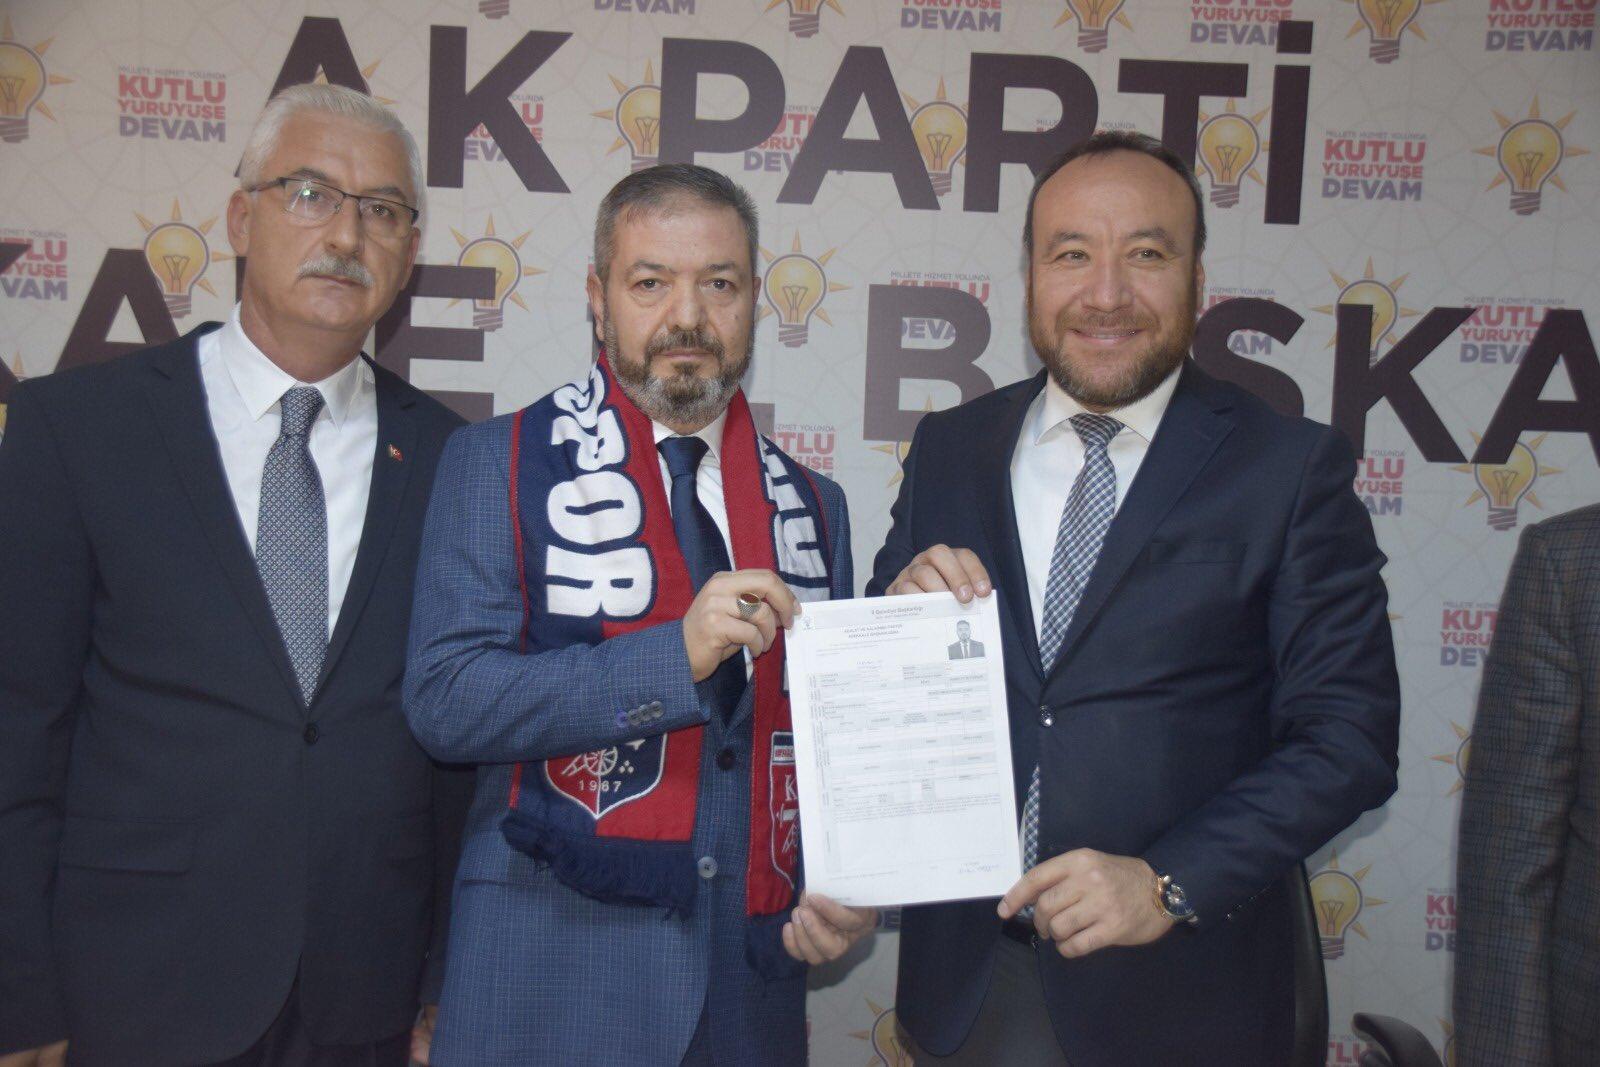 Ertan Taşkın Kırıkkale Belediye Başkan Aday Adaylığı İçin Ak Parti'den Başvurusunu Yaptı